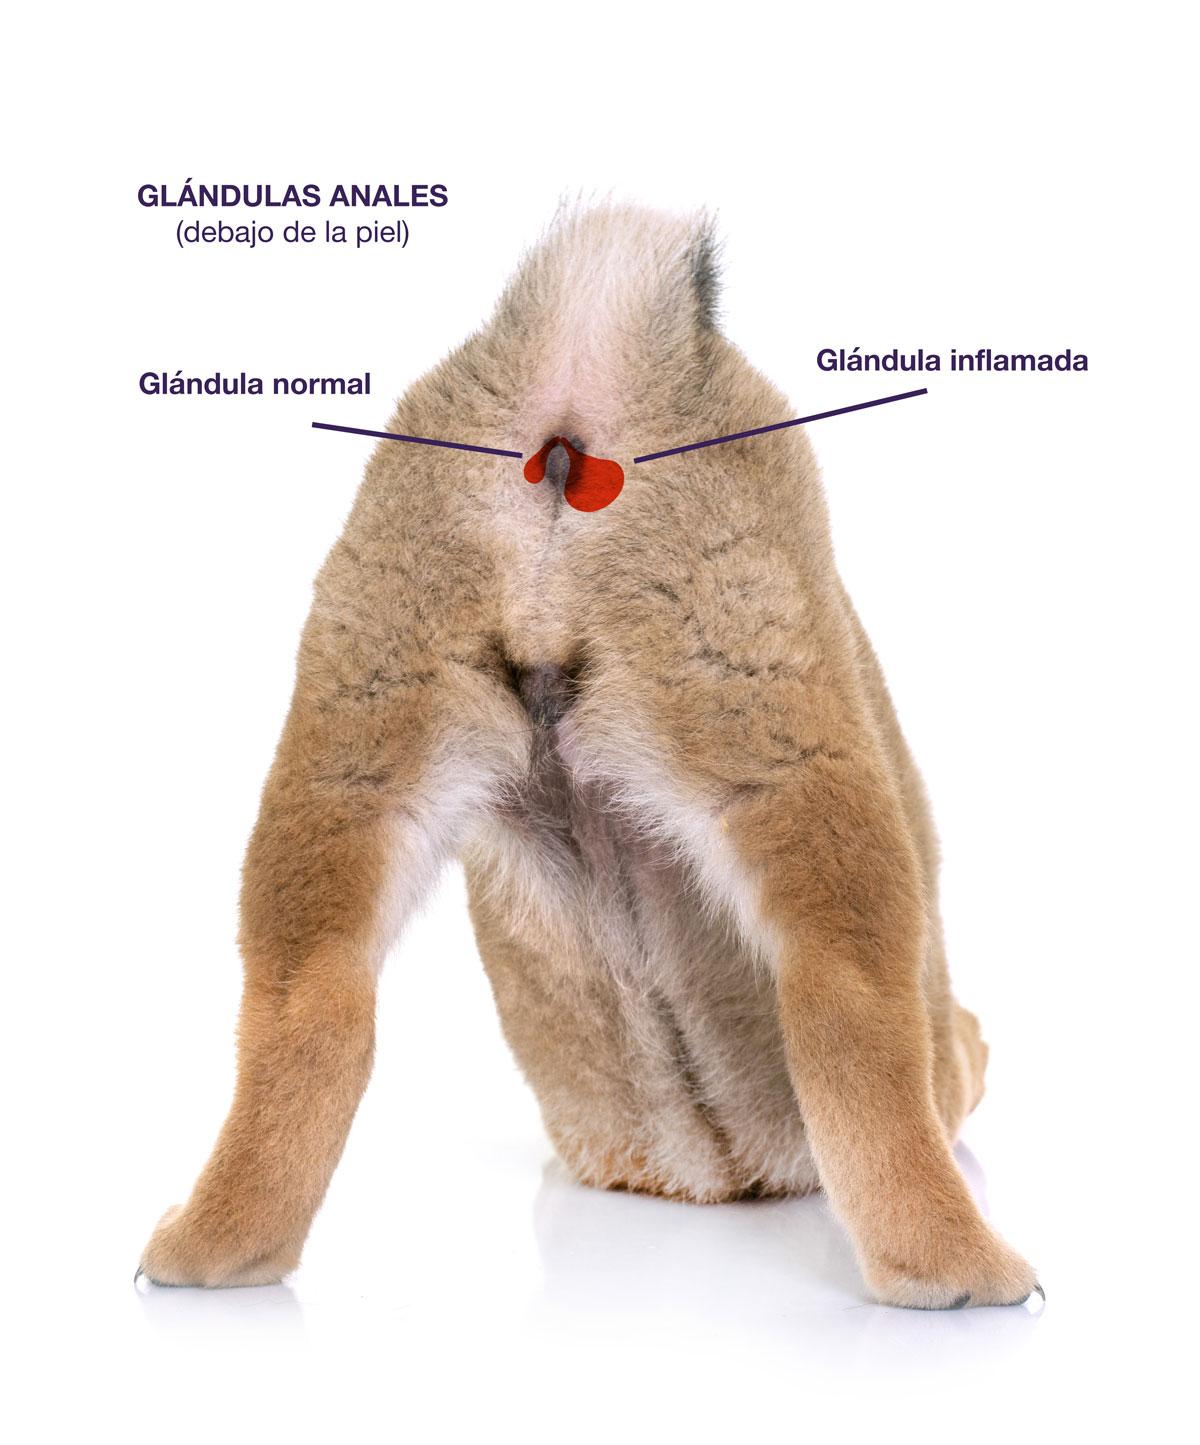 Glándulas anales de perro